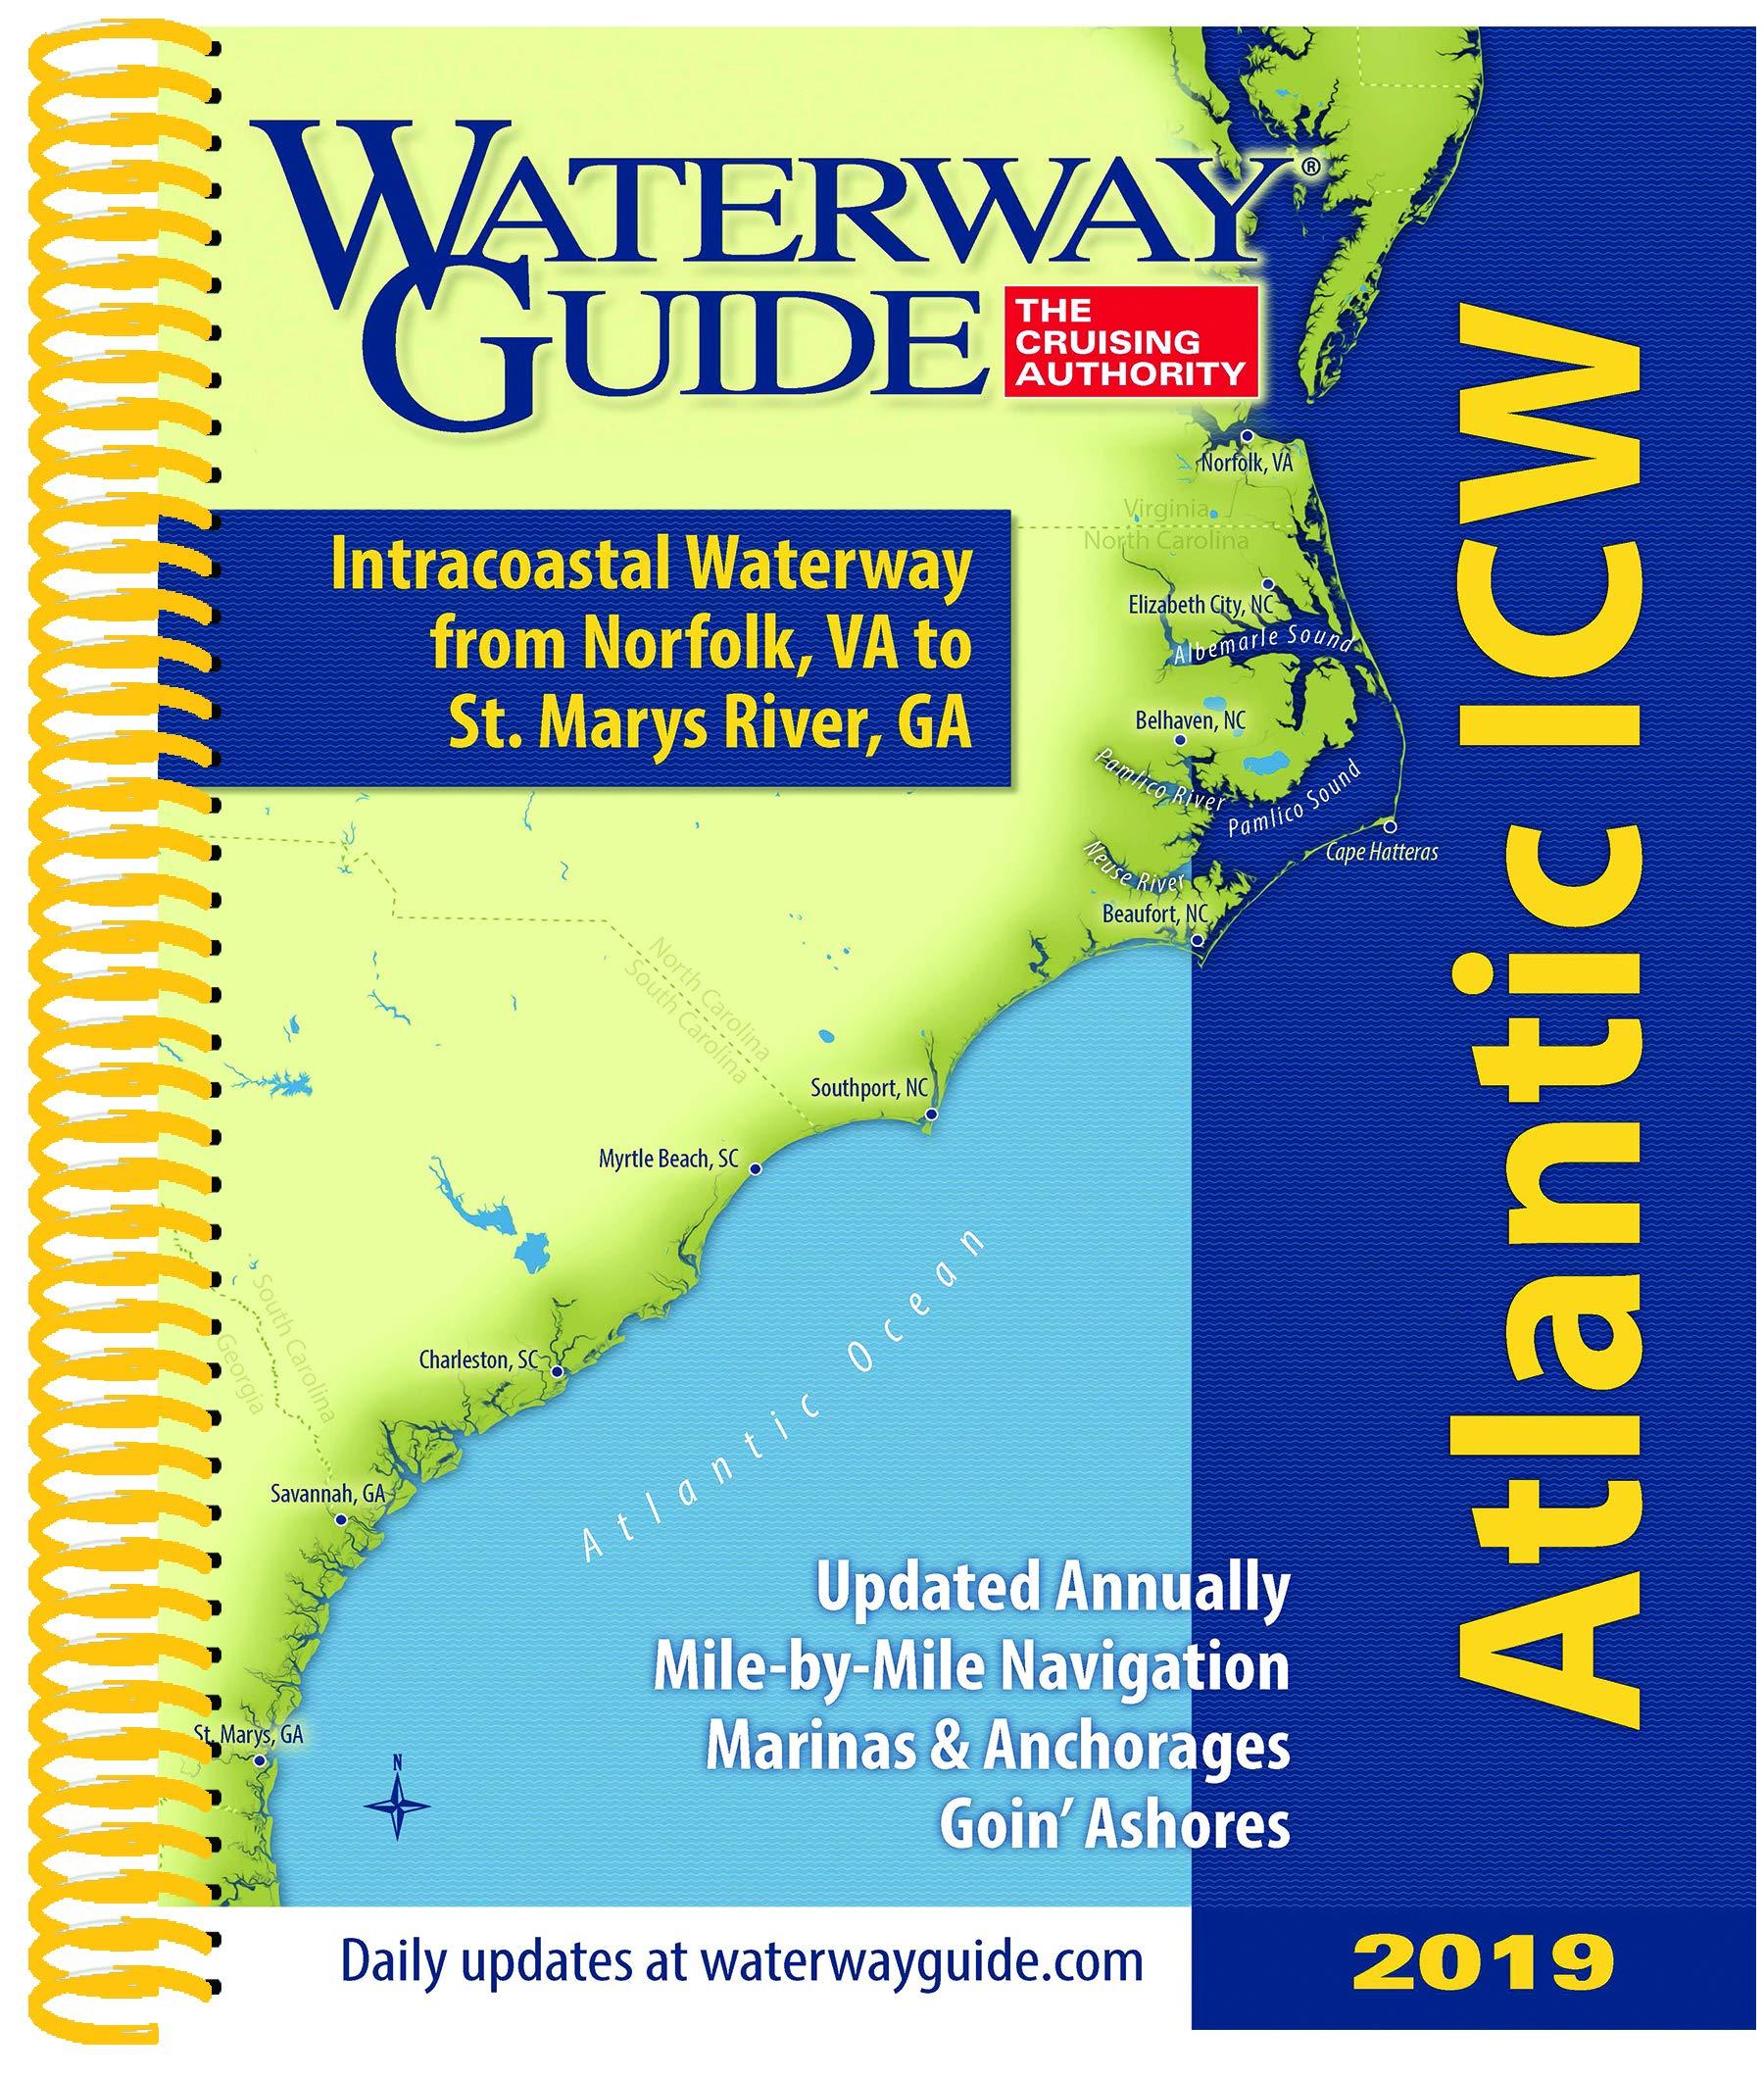 Waterway Guide Atlantic Icw 2019: Intracoastal Waterway